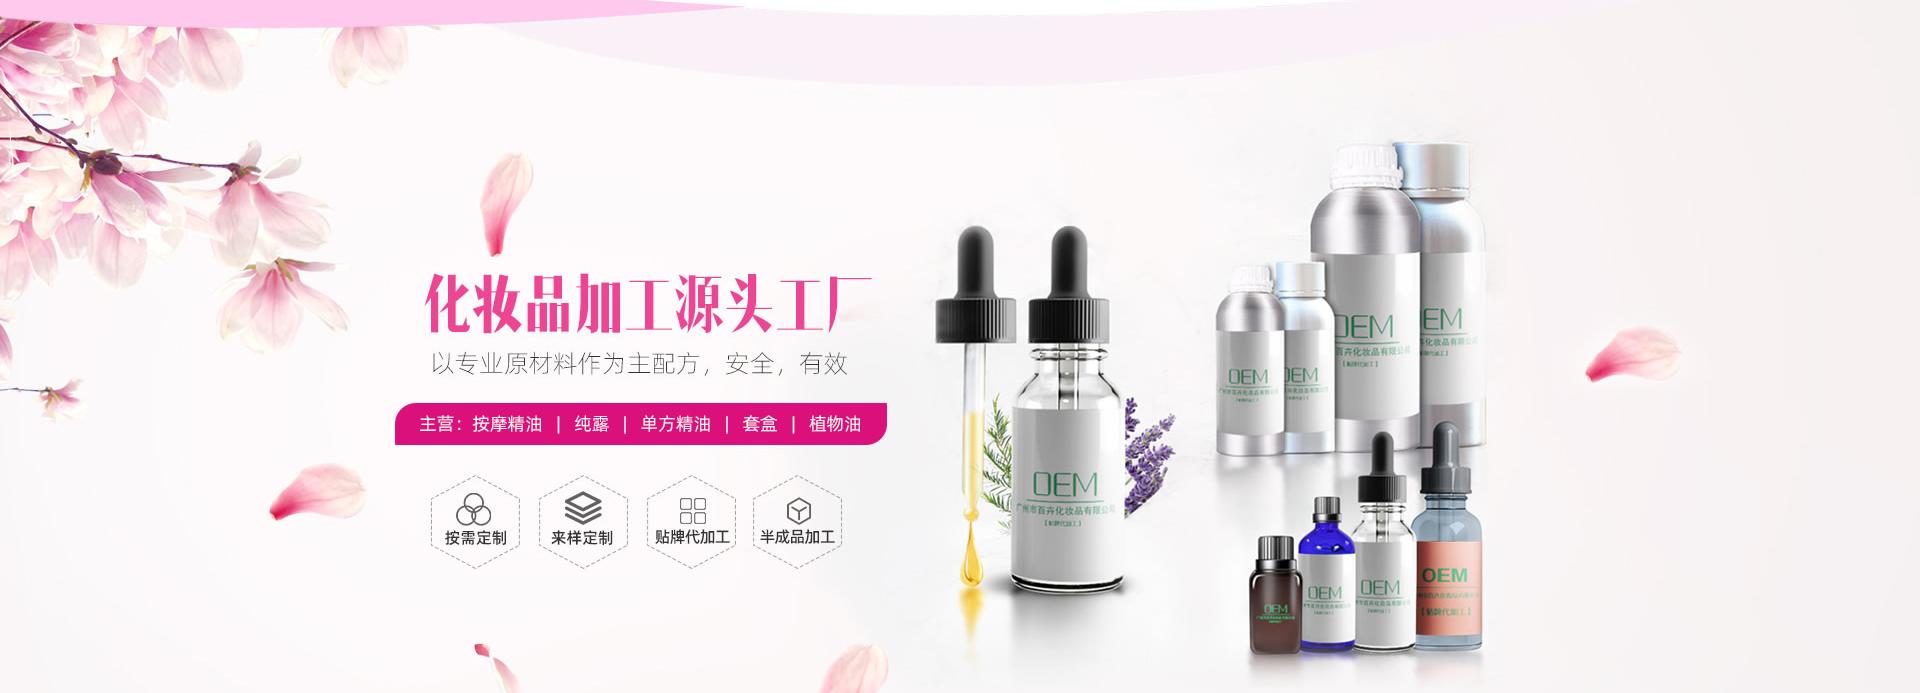 化妆品源头工厂